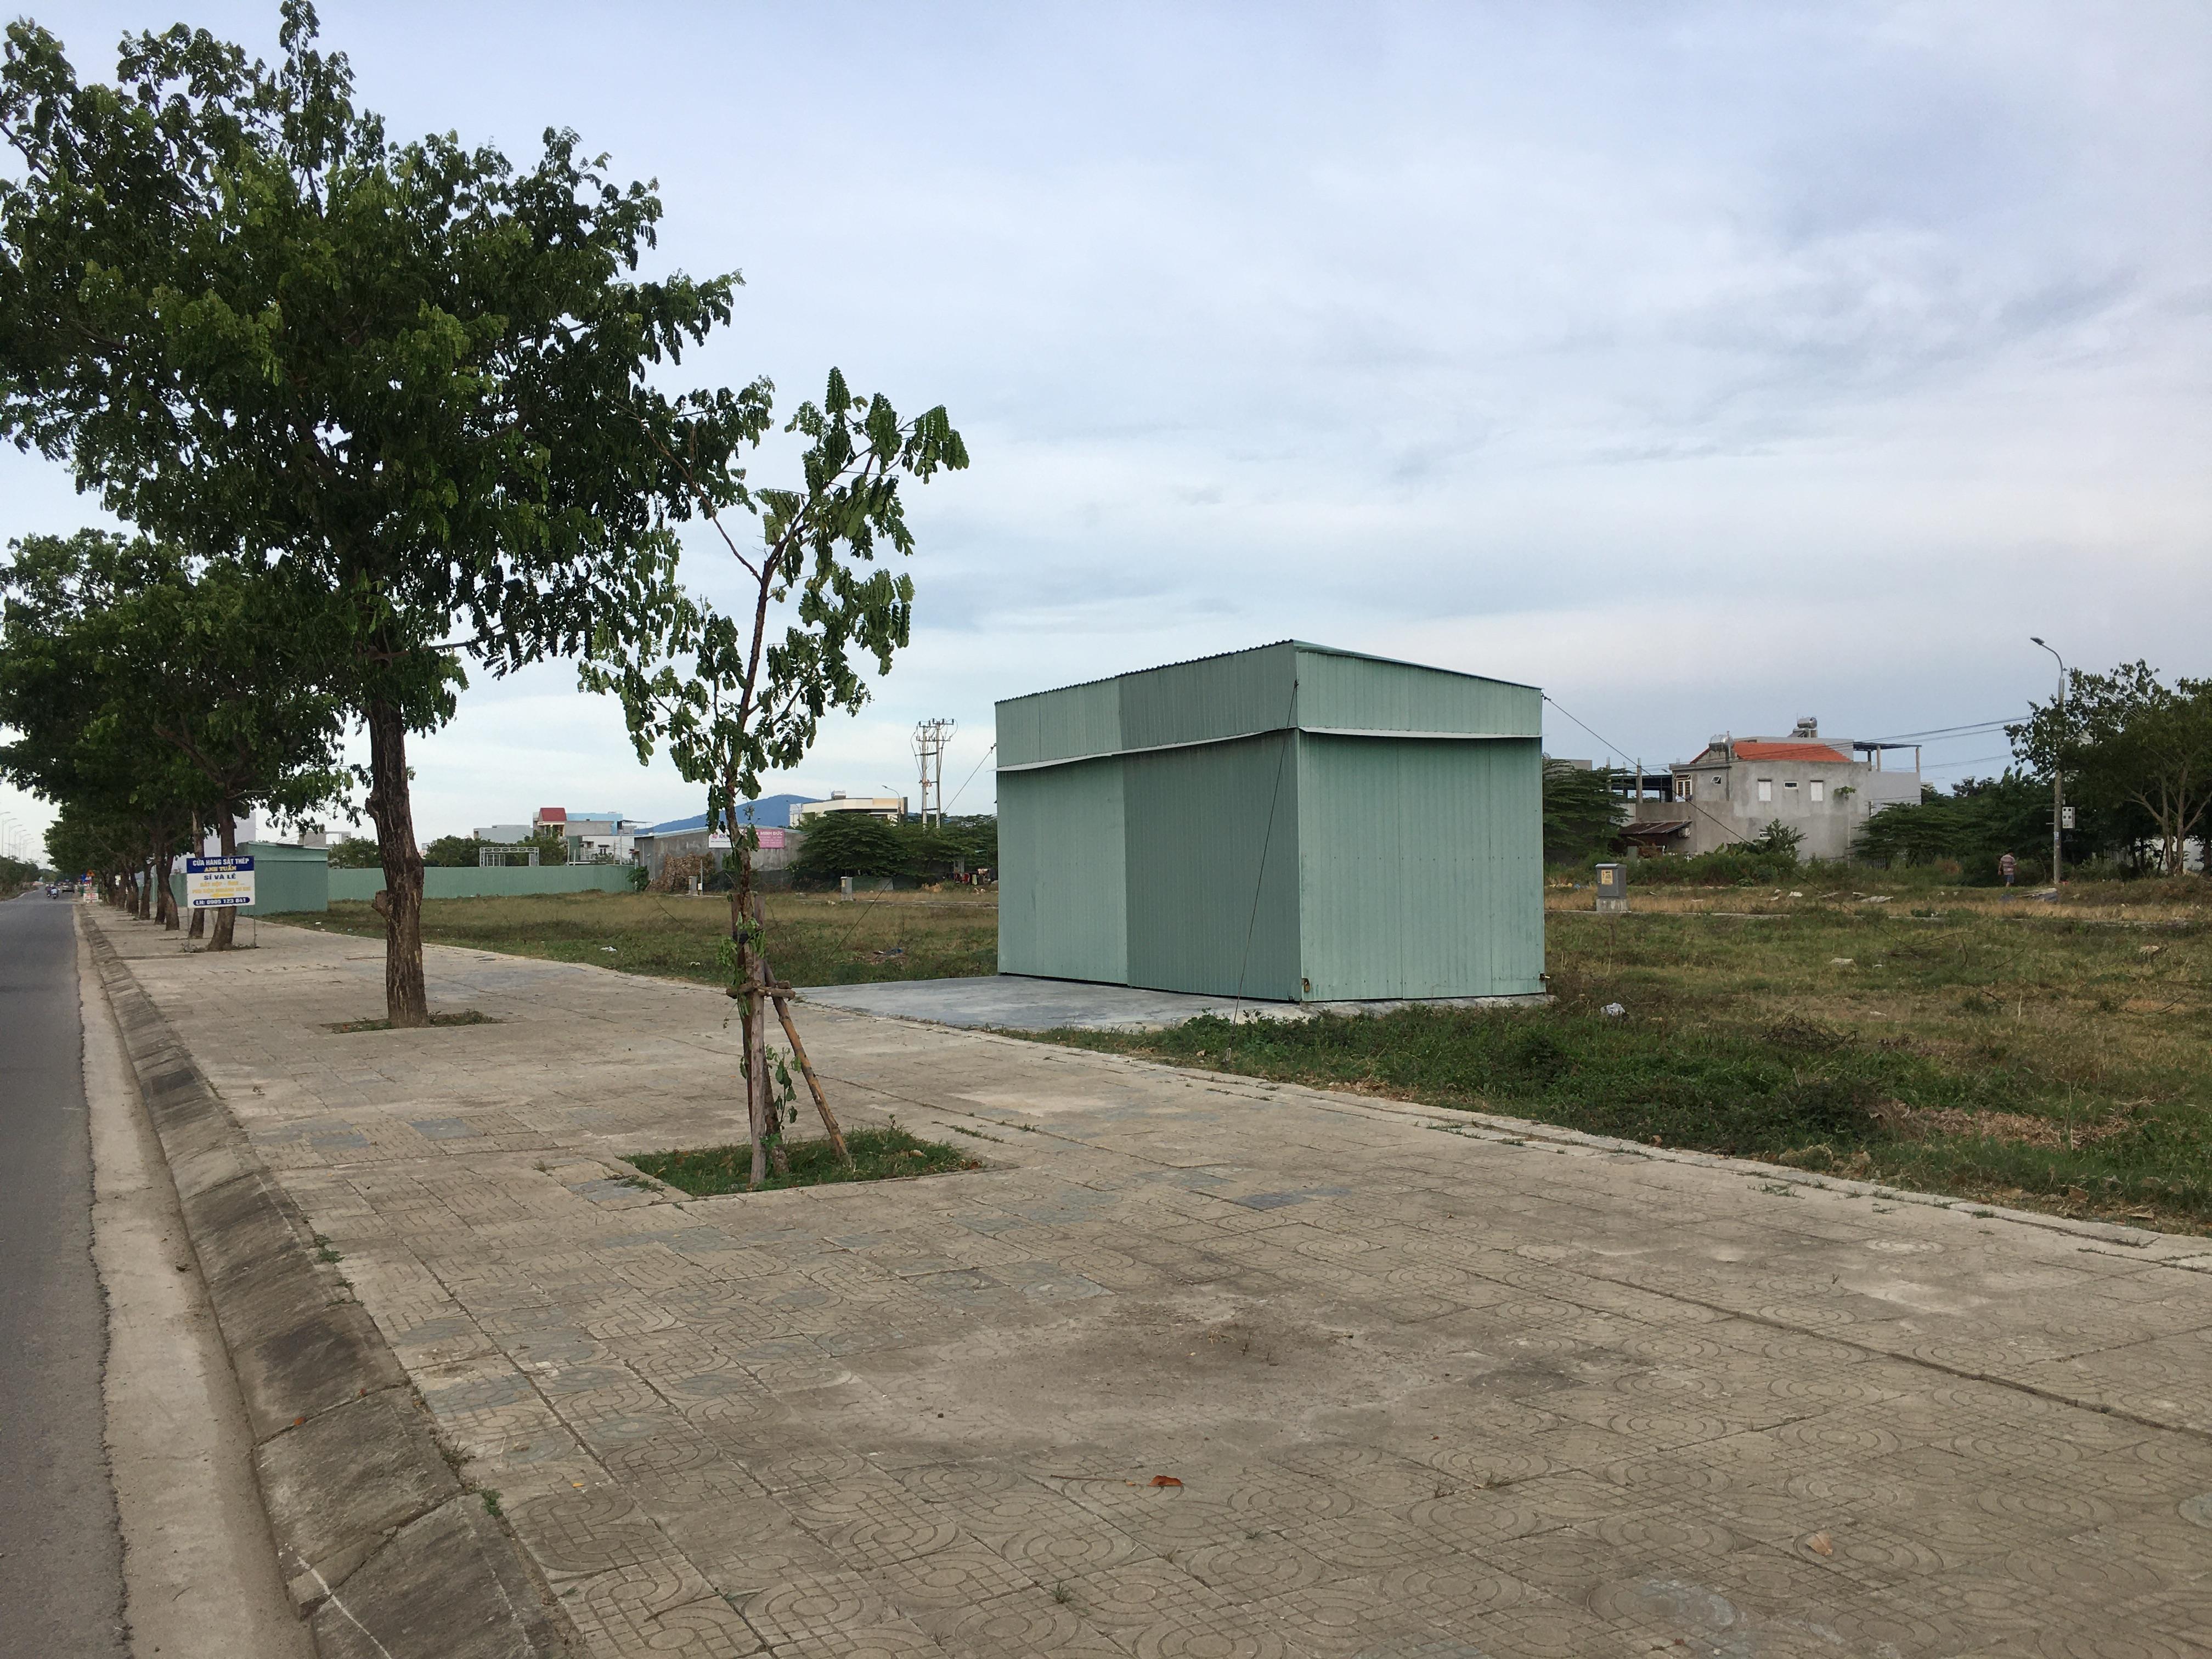 Đất nền Đà Nẵng giảm cả tỉ đồng nhưng không ai mua, các ki ốt bất động sản bỏ hoang, bụi phủ đầy - Ảnh 18.